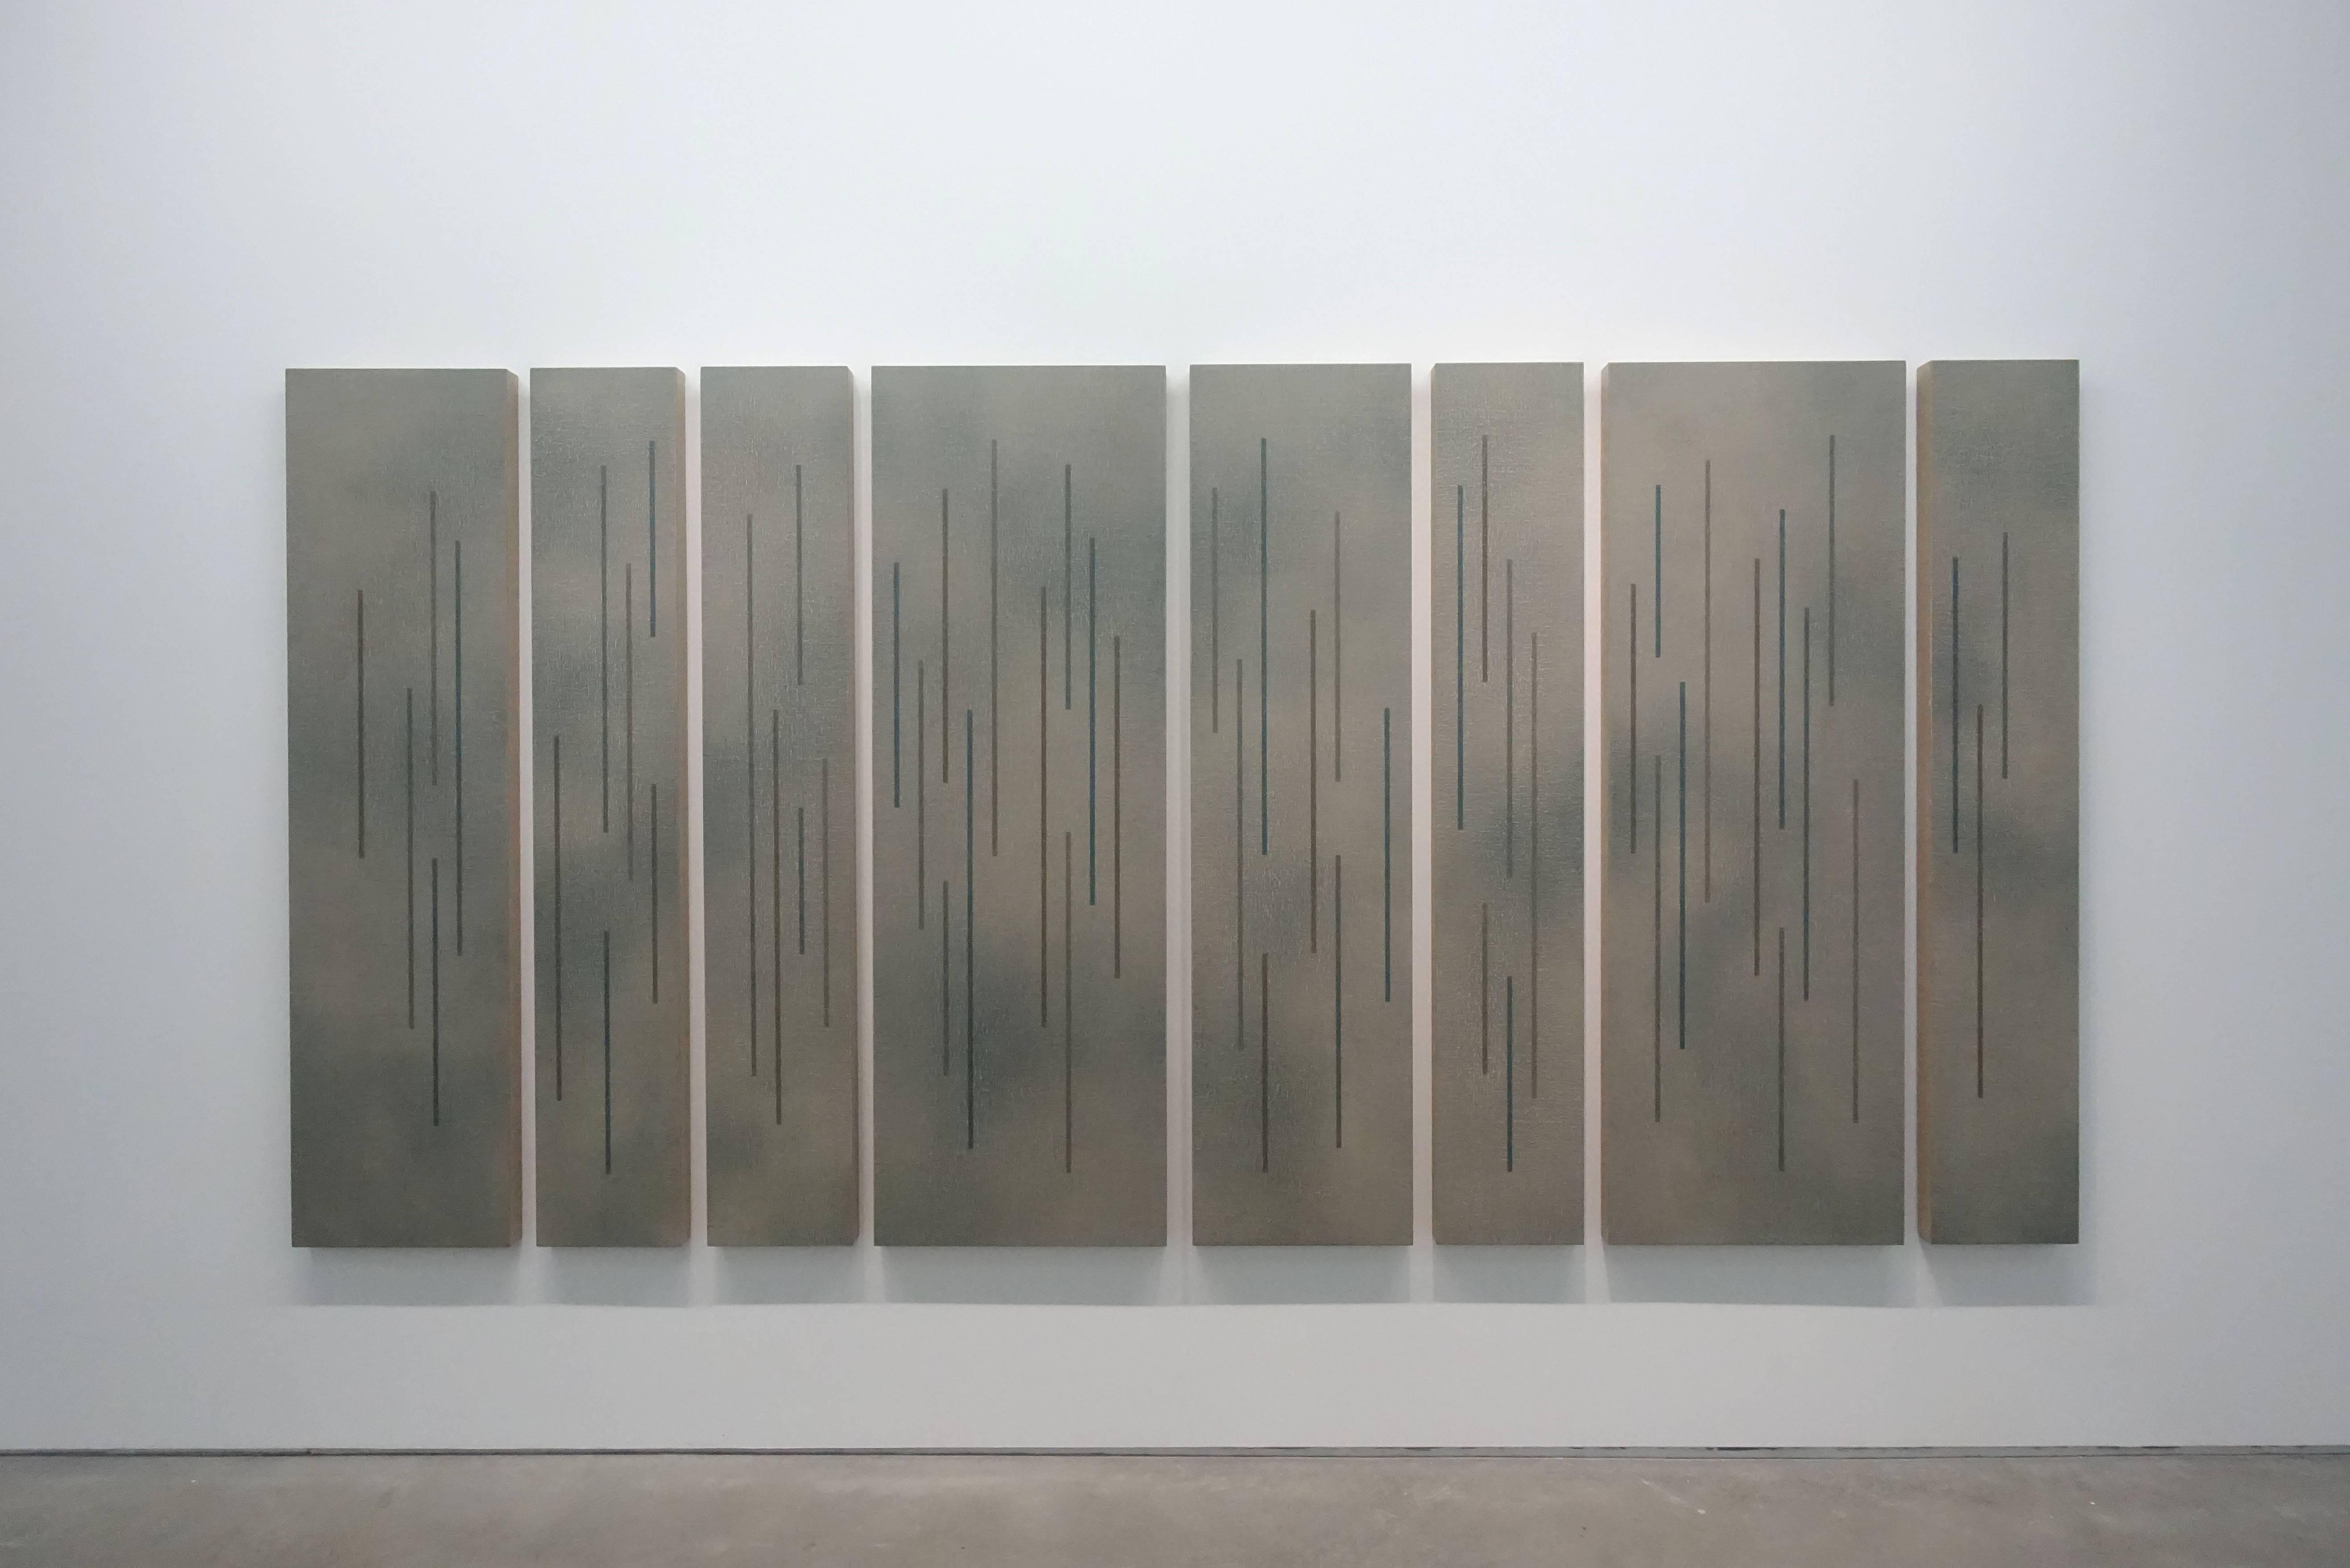 吳東龍,《Color Lines-34》,180 x 365 cm (8 拚 300 號) ,Oil on Canvas Board,2018。